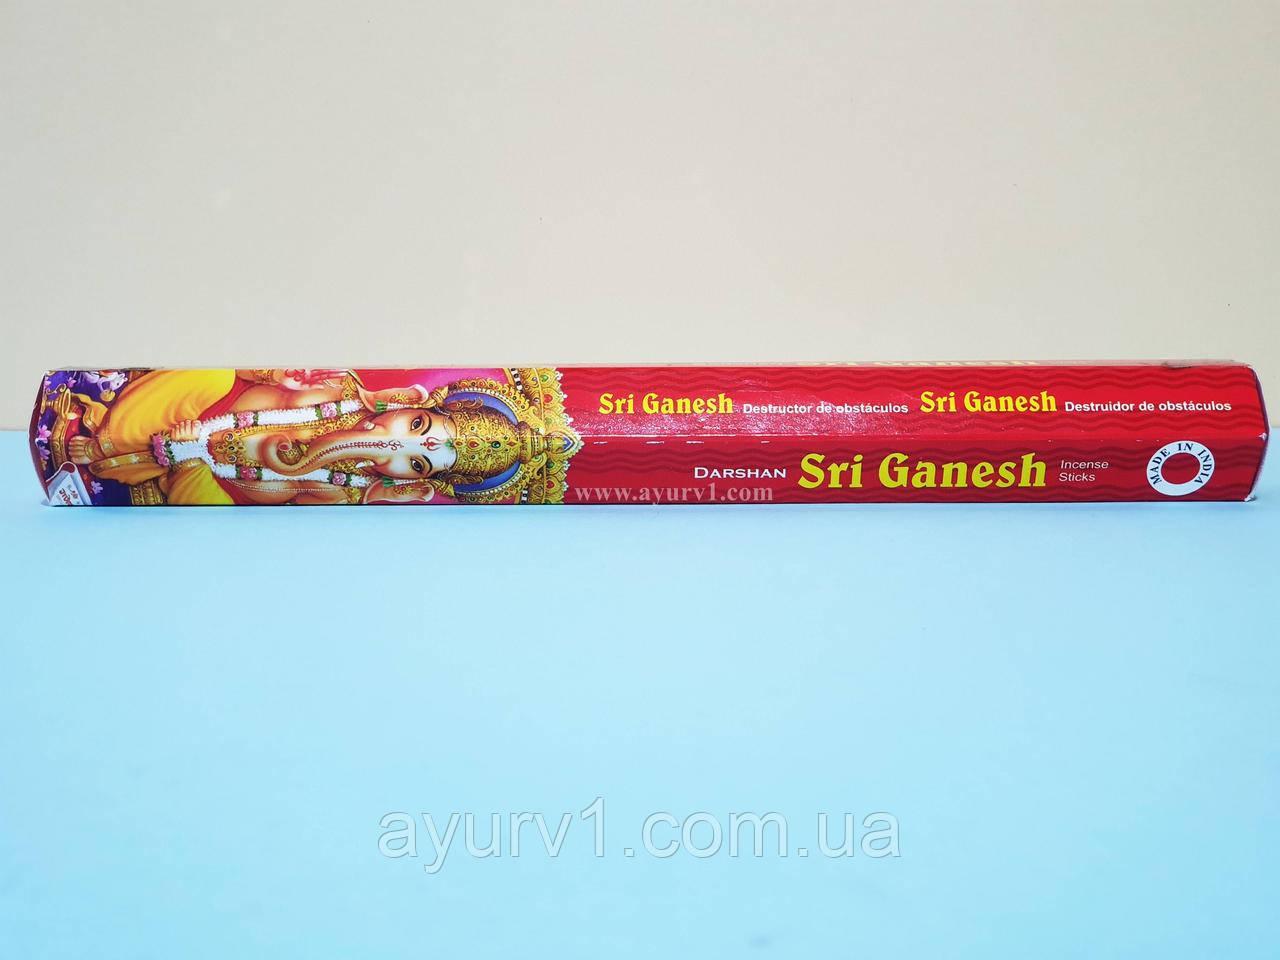 Аромапалочки Шри Ганеш, угольные / Incense Sticks Shri Ganesh / Darshan / 20 шт